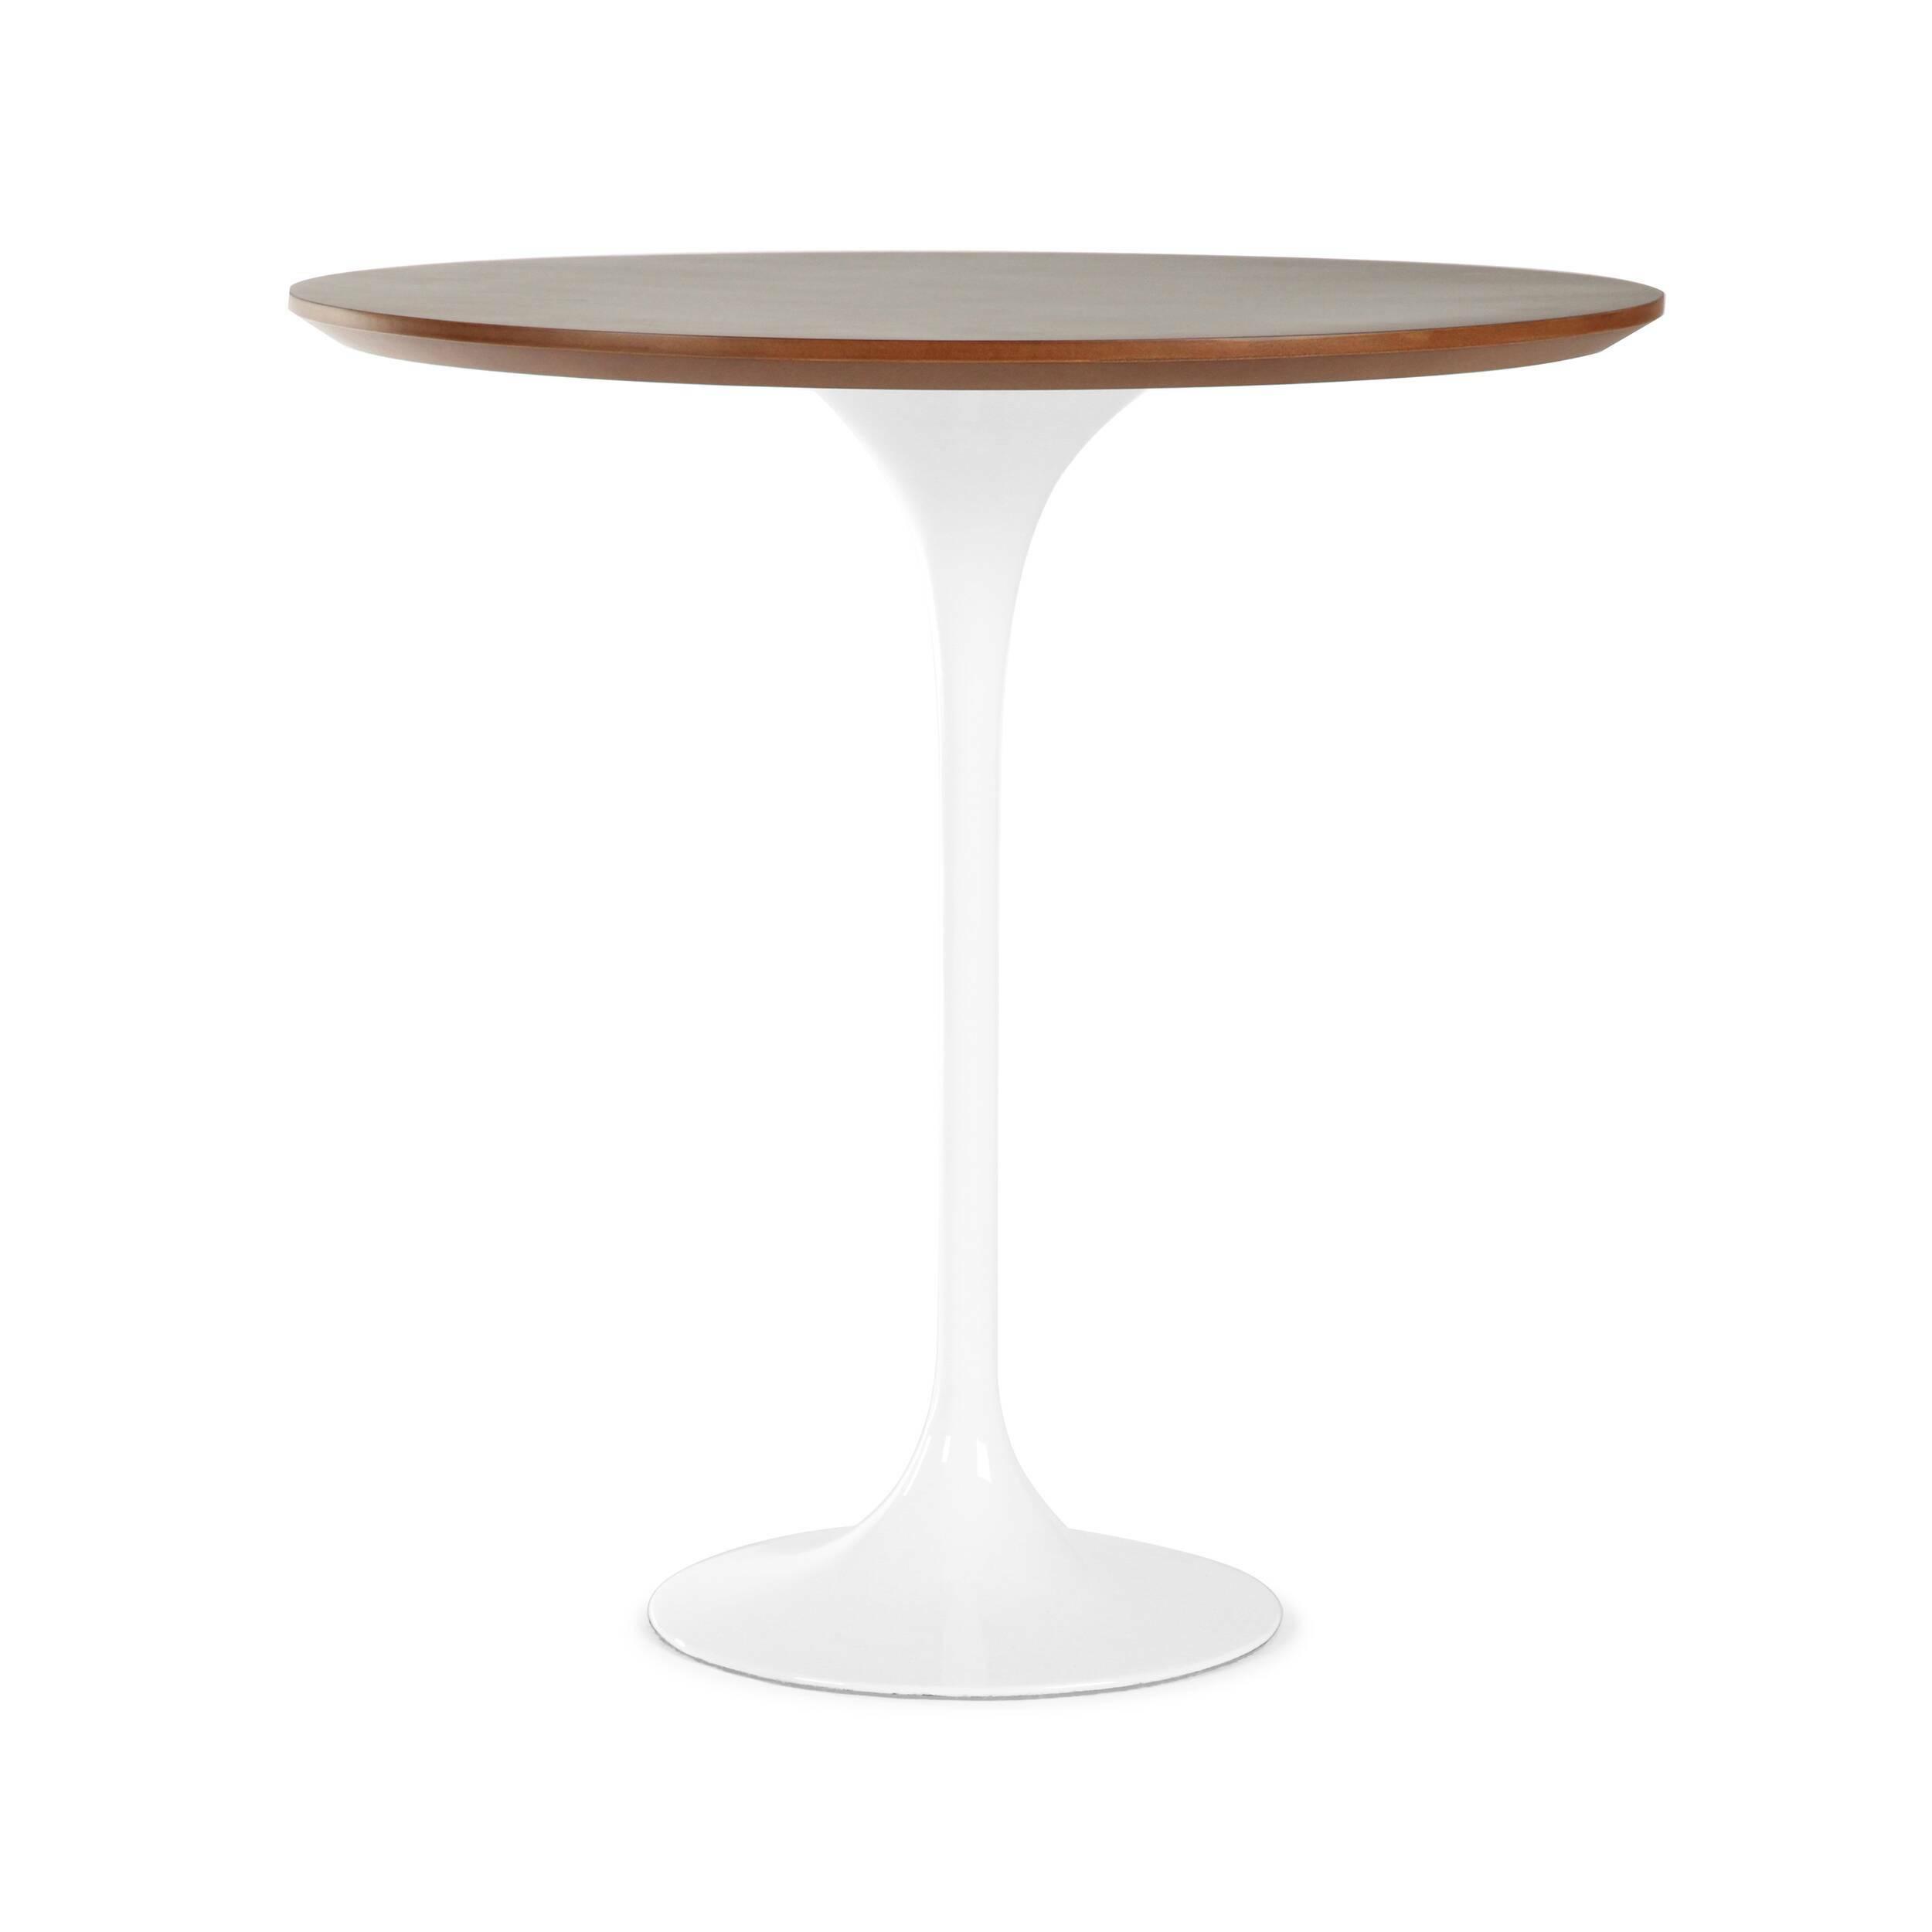 Кофейный стол Tulip с деревянной столешницей высота 52 обеденный стол tulip с деревянной столешницей диаметр 122